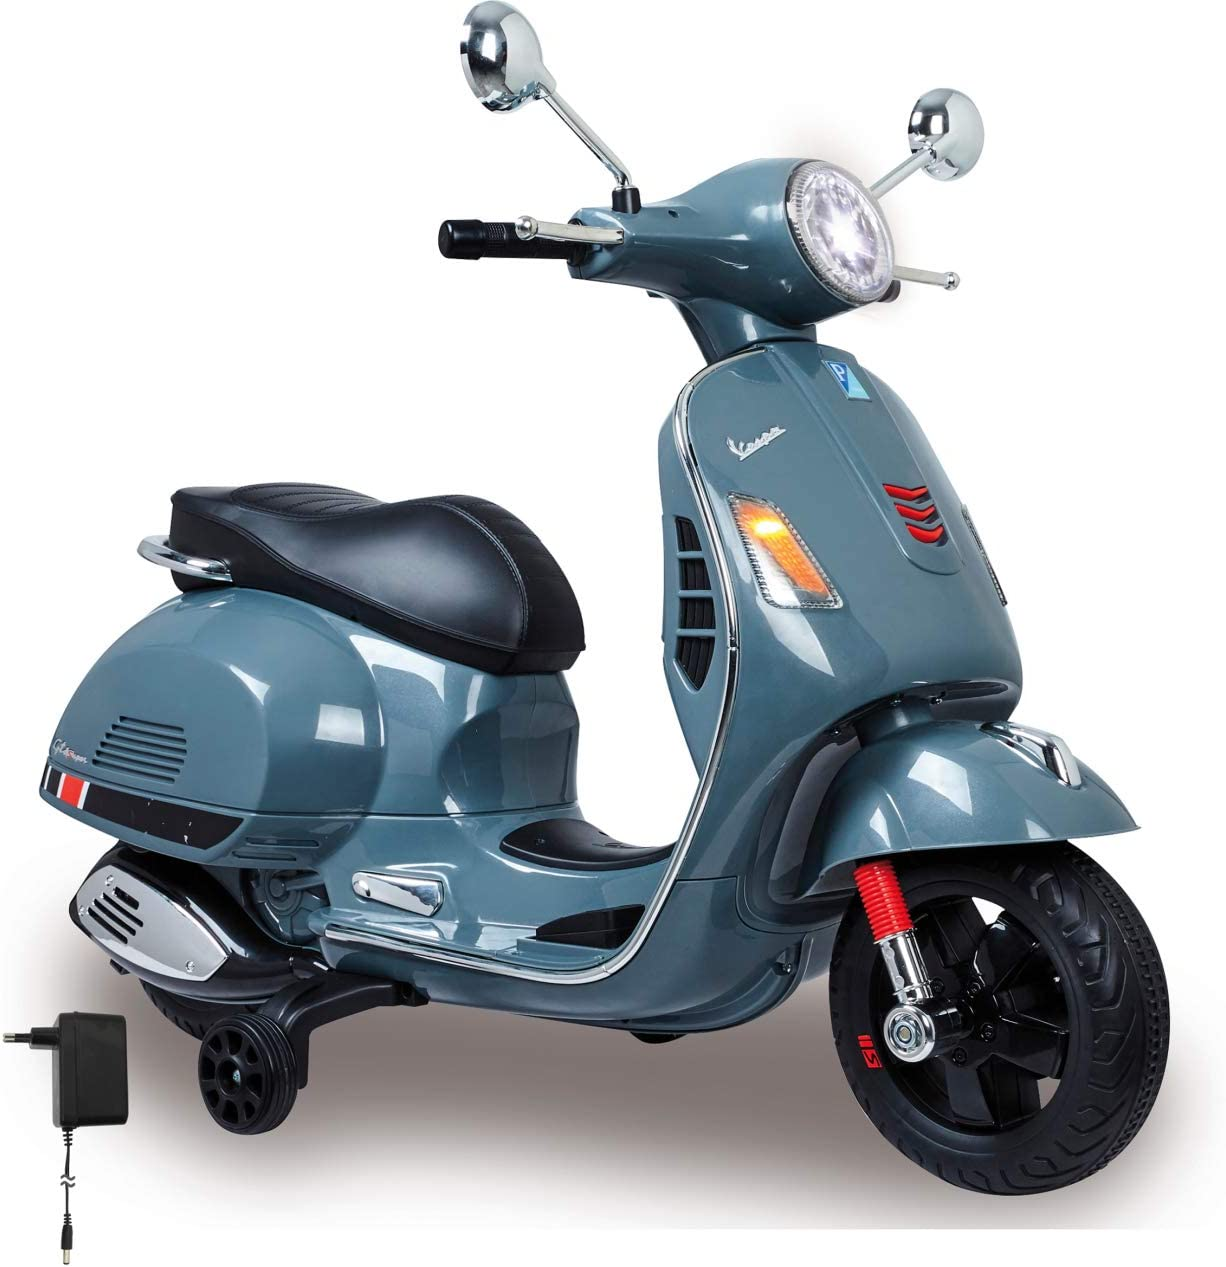 Jamara 460441-Ride-on Vespa GTS 12V – Asiente en Piel sintético, Ruedas de Goma Ultra-Grip, Claxon, Faro Led, Batería Potente, SD, AUX, USB, Color Gris (460441)